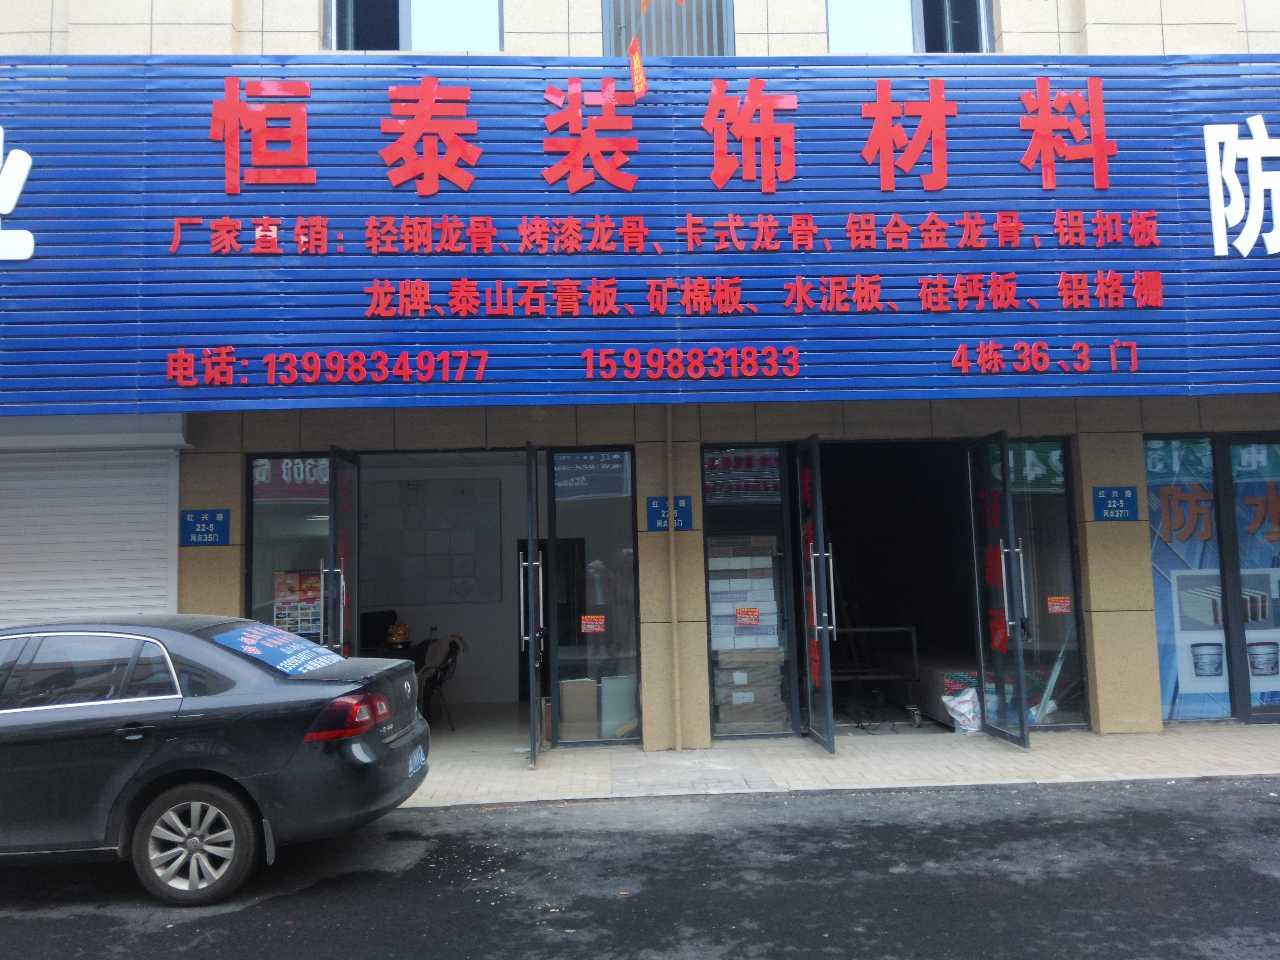 来自冯仰成发布的商务合作信息:... - 沈阳苏东飞装饰材料